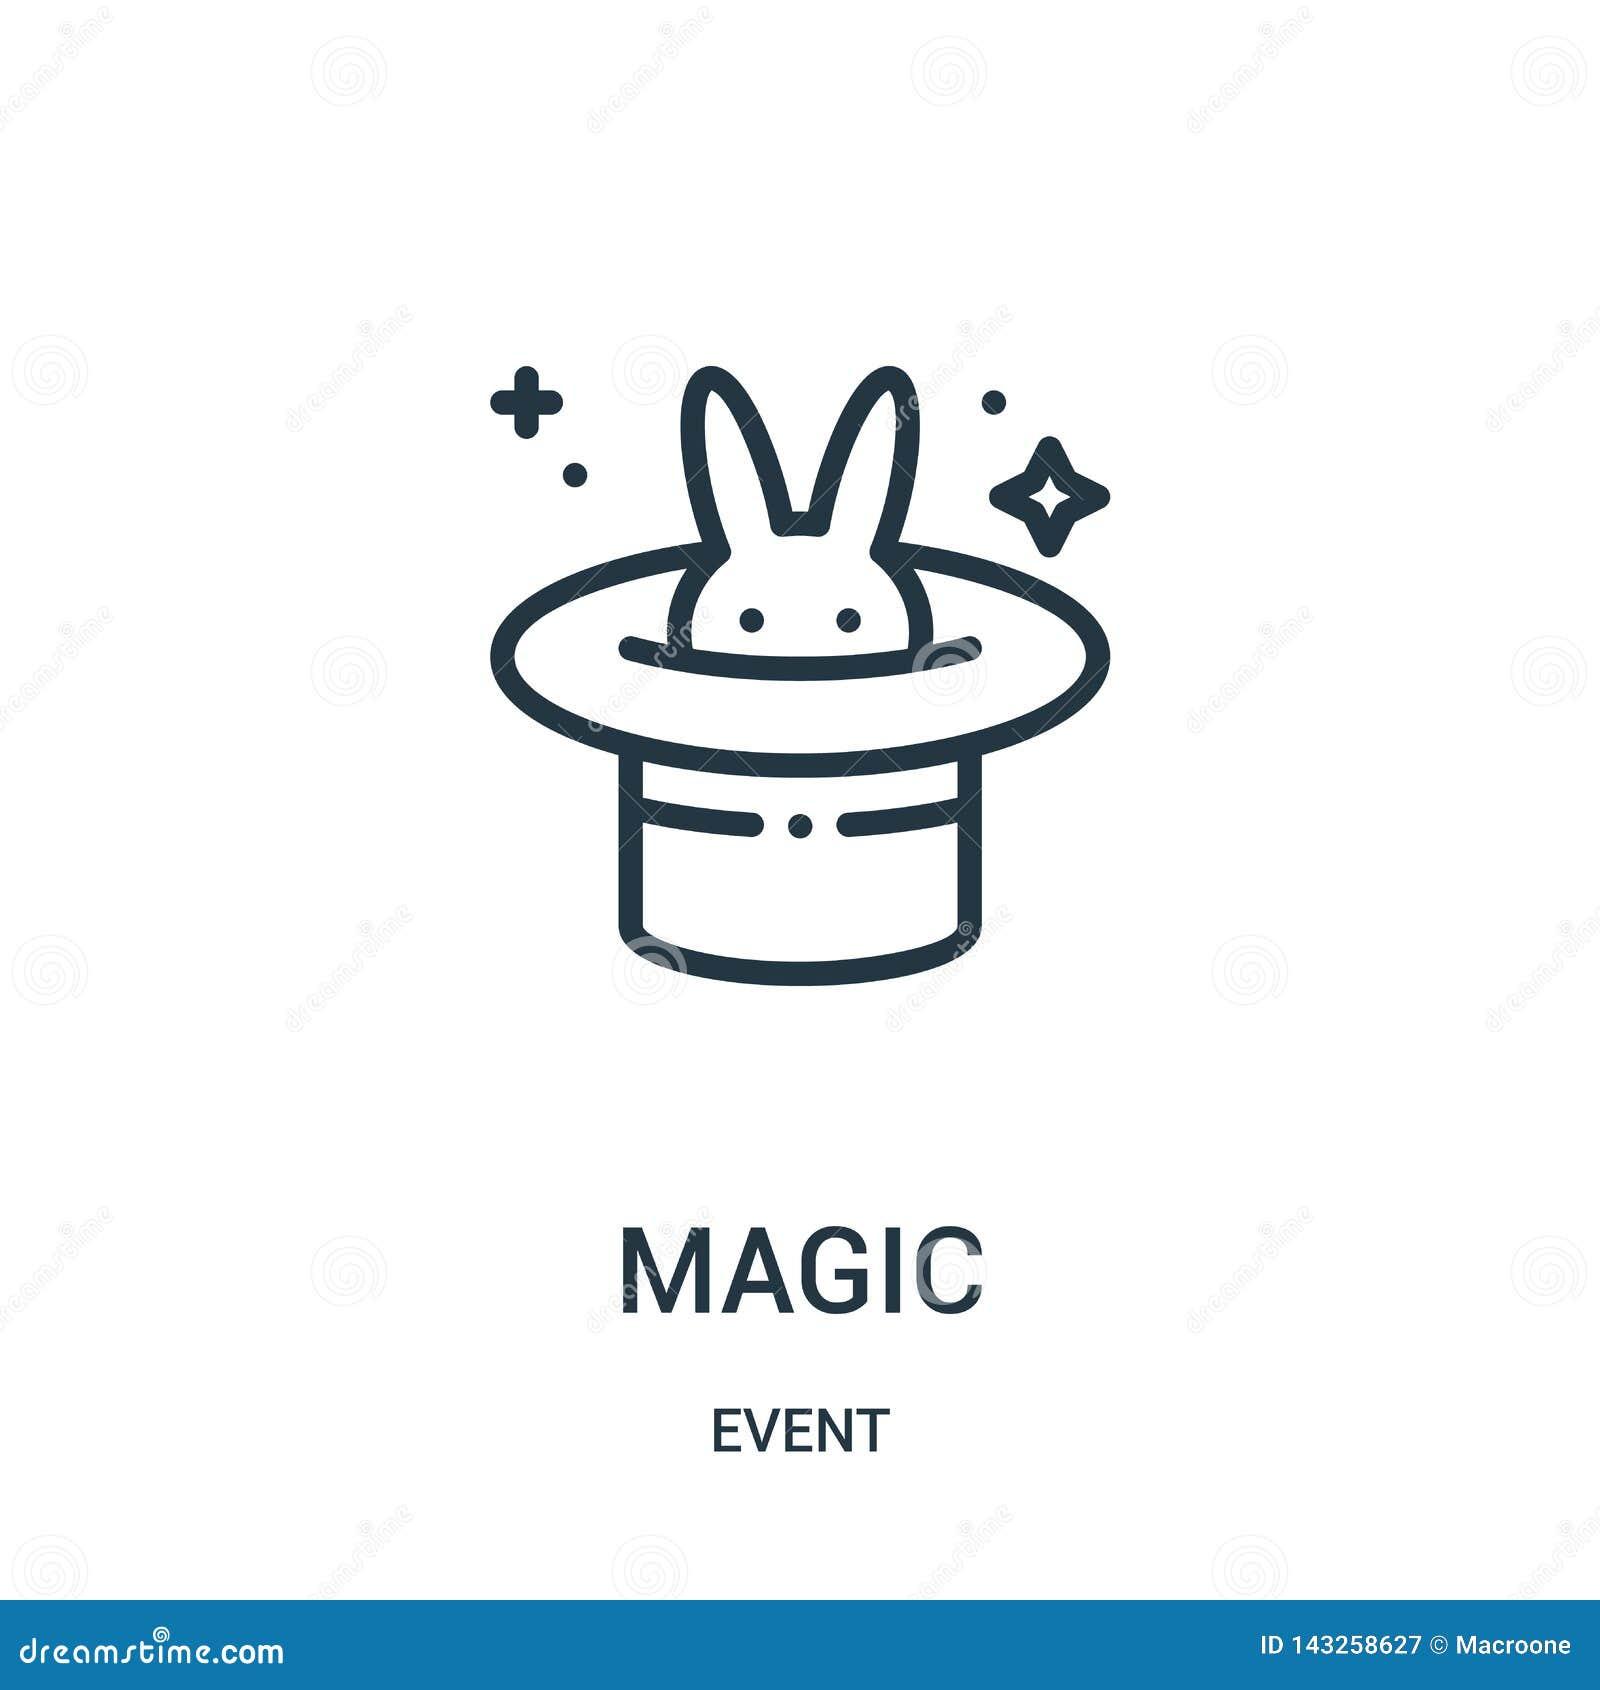 Vetor mágico do ícone da coleção do evento Linha fina ilustração mágica do vetor do ícone do esboço